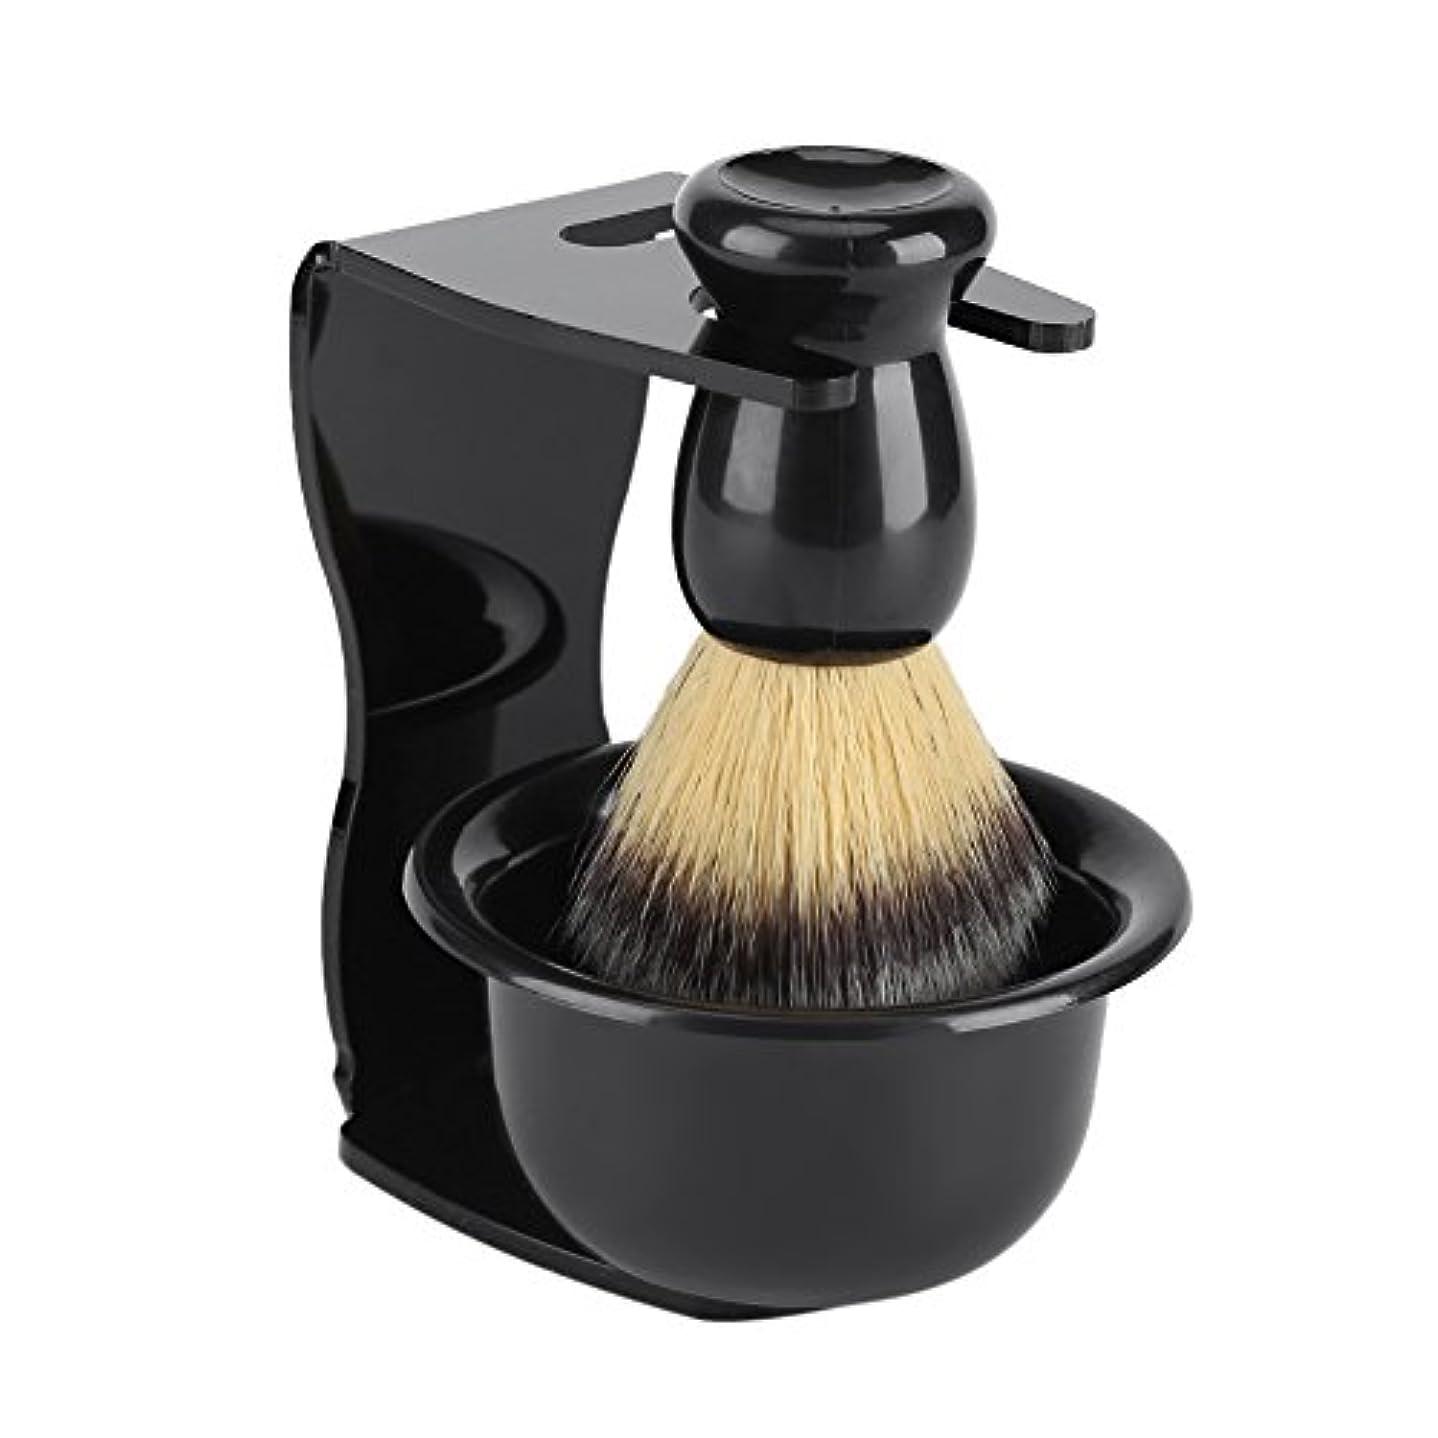 強大な洗剤シャックルシェービングブラシ 3点セット 純粋なバッガーヘアシェービングブラシ プロフェッショナルメンズ 洗顔 髭 剃り 泡立ち 洗顔ブラシ シェービングブラシ スタンド ホルダー ボウル